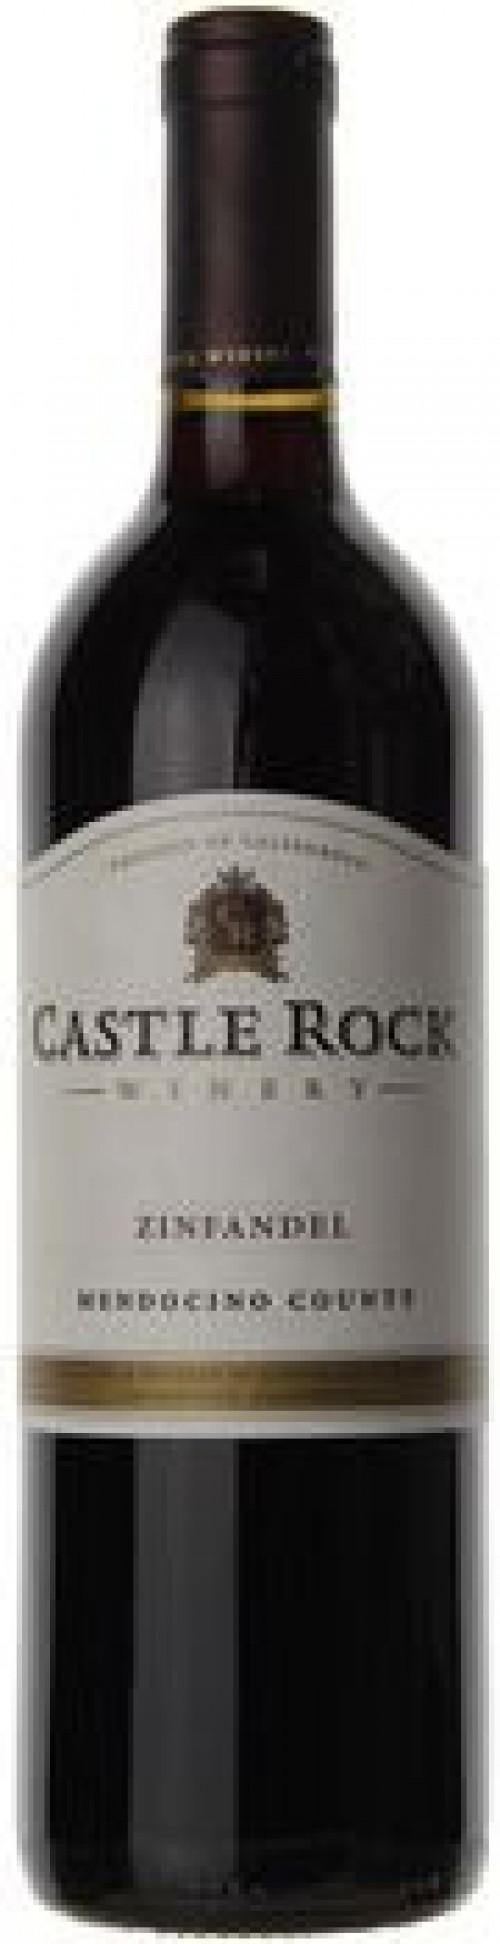 Castle Rock Zinfandel 750ml